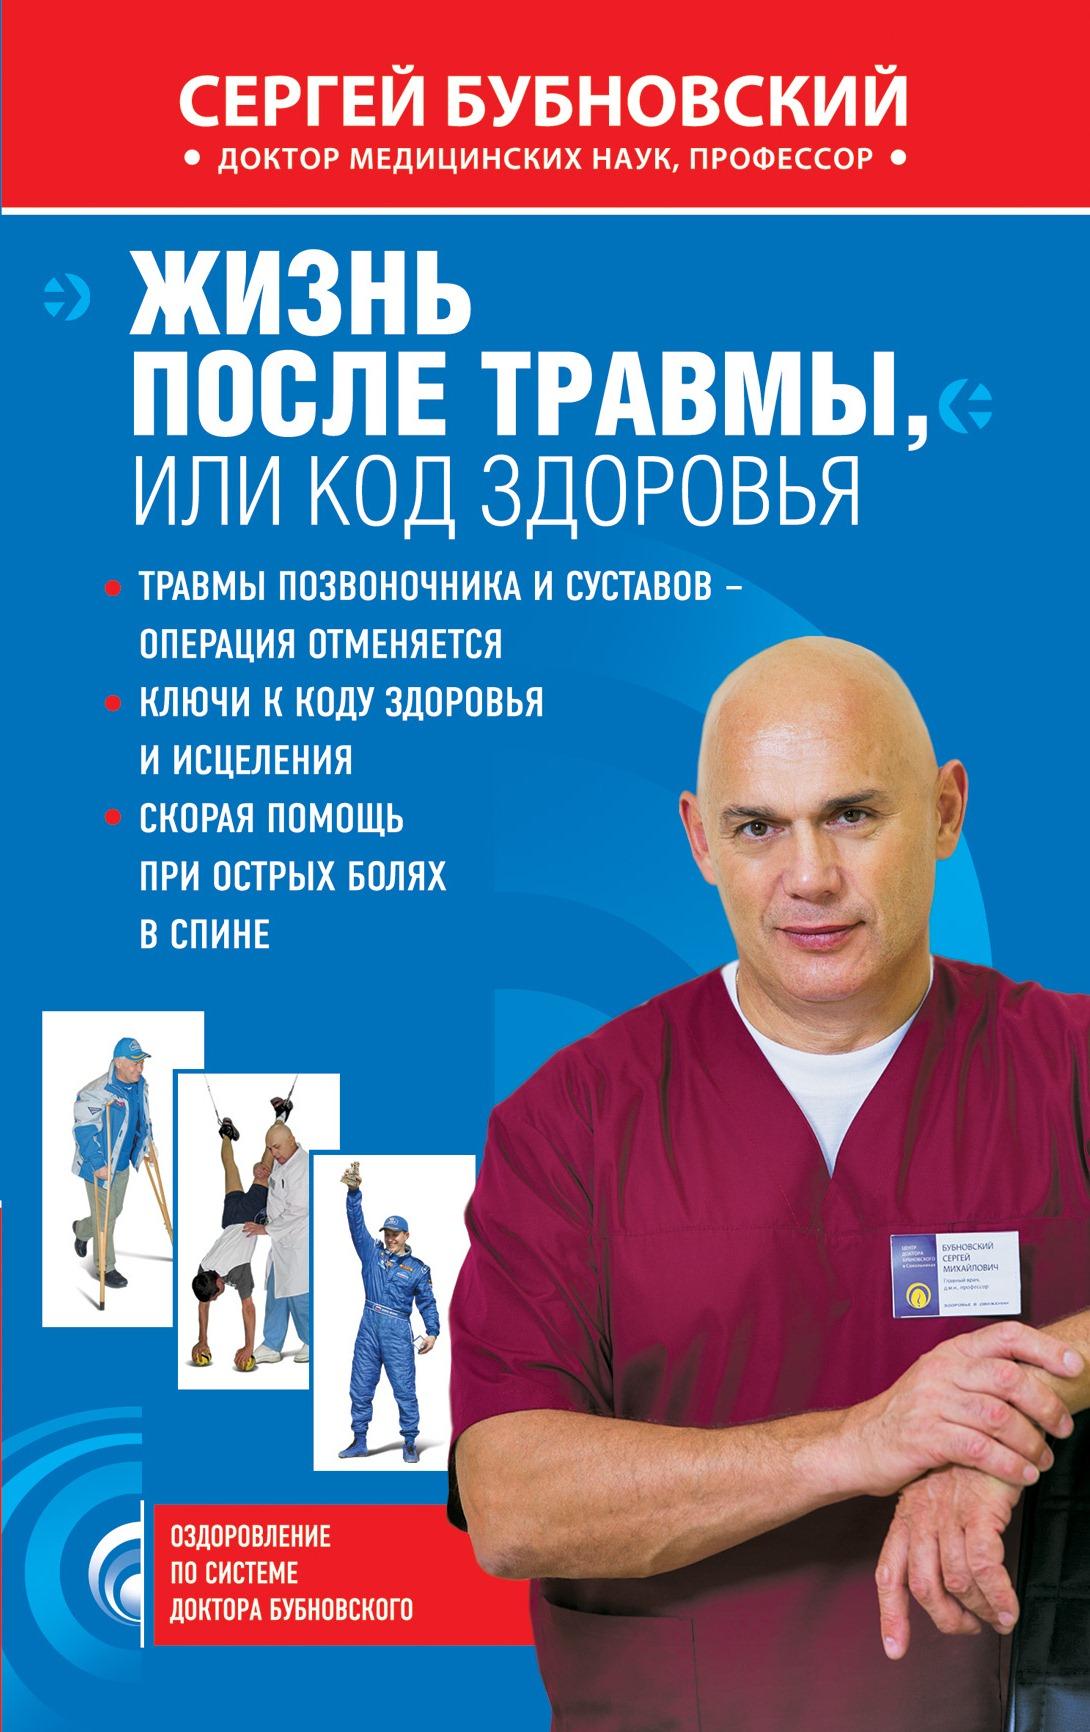 Профессор бубновский как похудеть